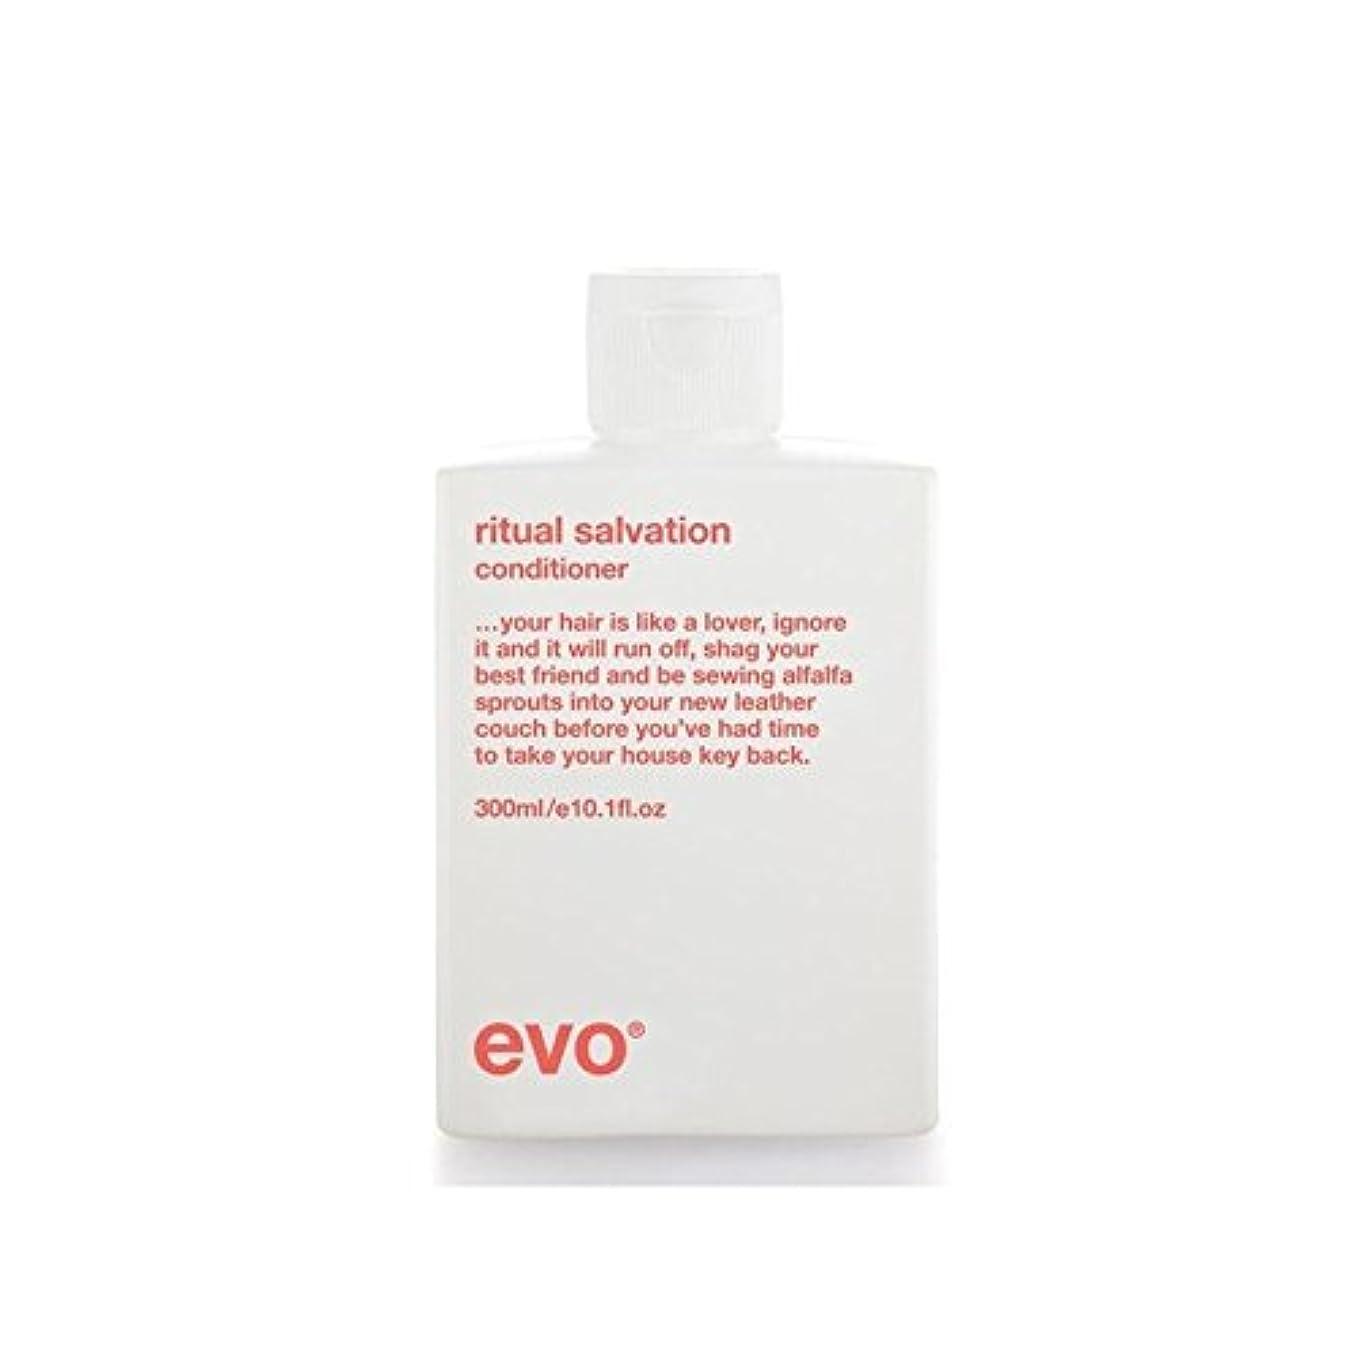 コマース乏しい狂人Evo Ritual Salvation Conditioner (300ml) (Pack of 6) - 儀式救いコンディショナー(300ミリリットル) x6 [並行輸入品]